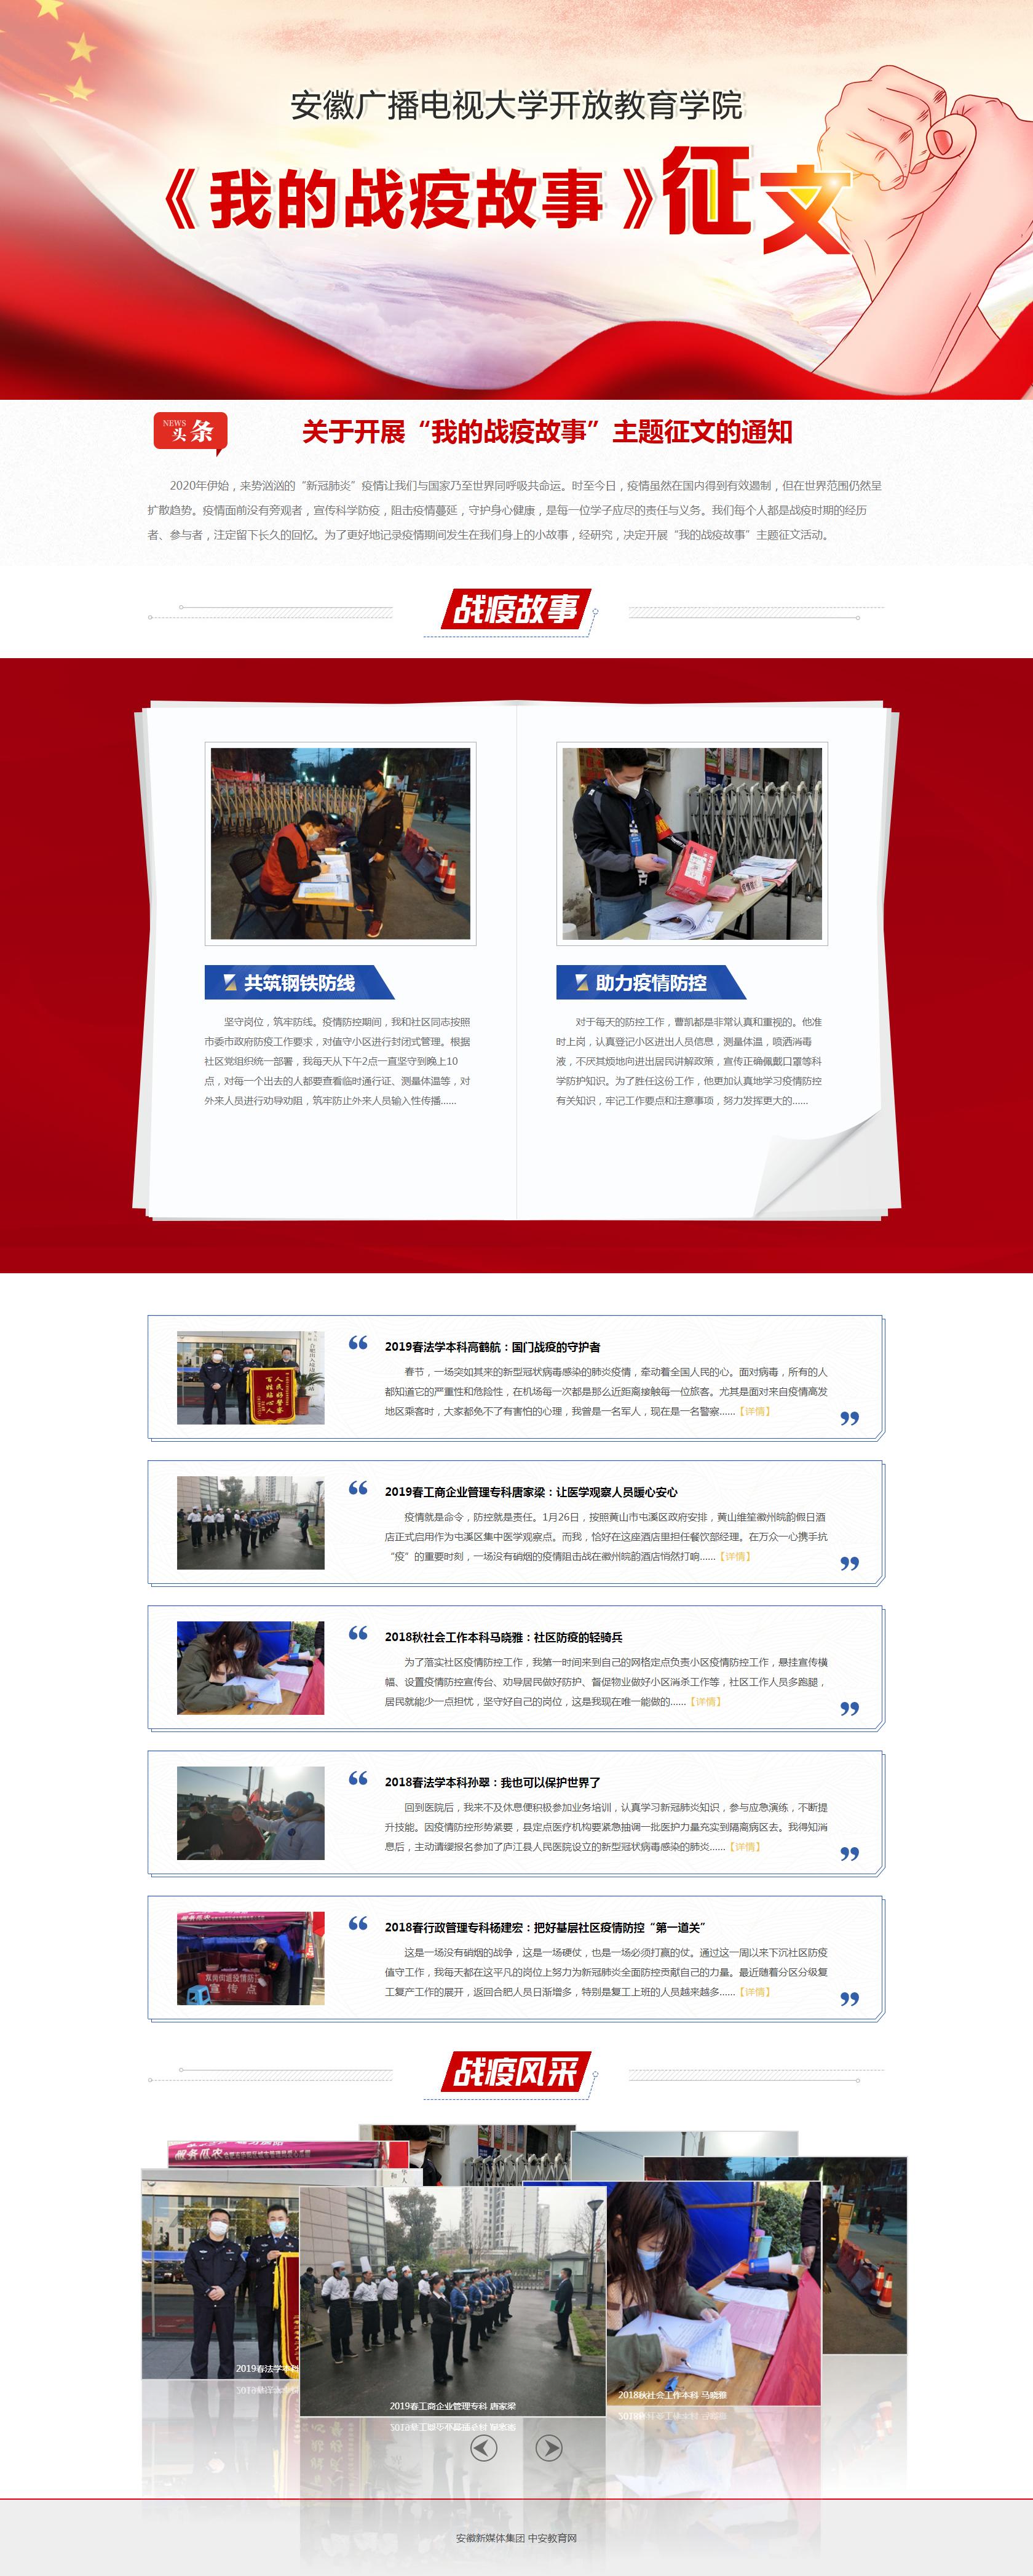 亚洲色情图片|亚洲自拍|色综合图区|日本亚洲欧洲另类图片开放教育学院《我的战疫故事》征文_中安教育网_中安在线.png